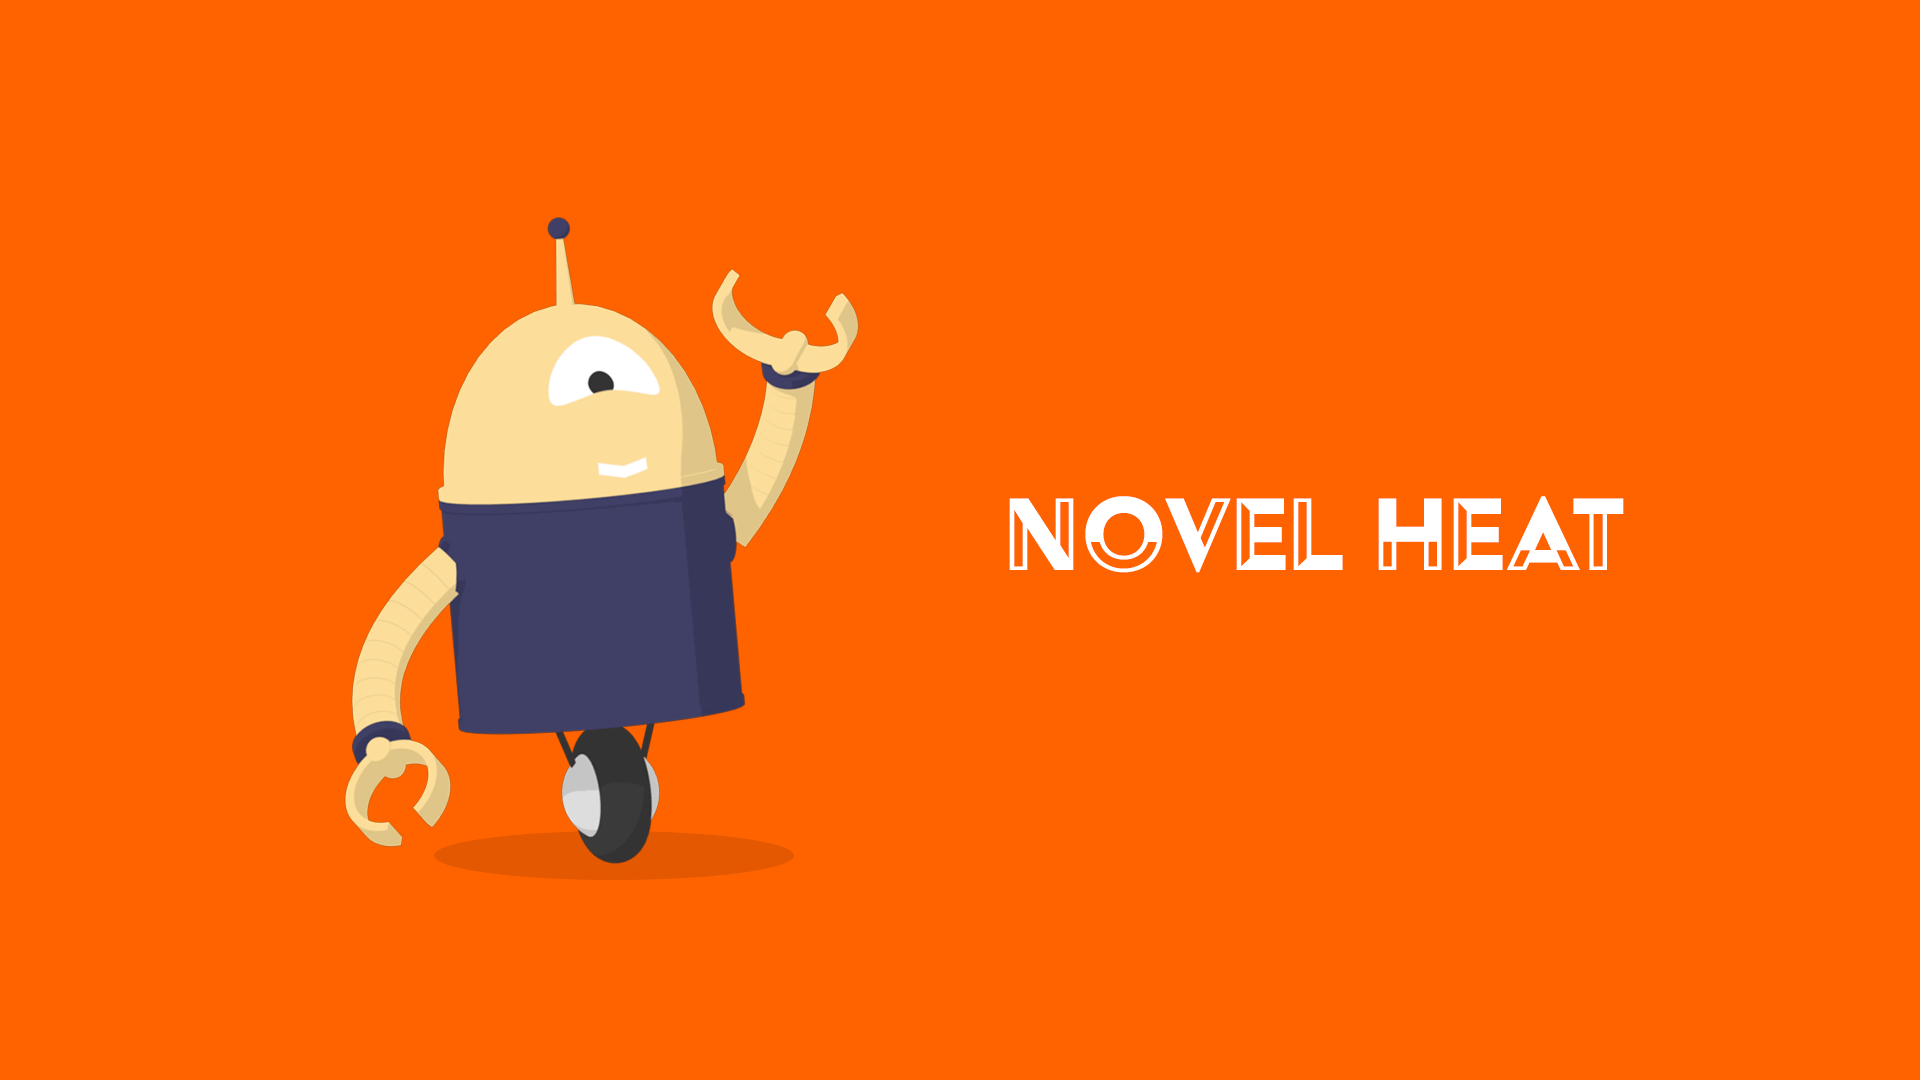 103930_novel_heat_animation_v1frame_06.png